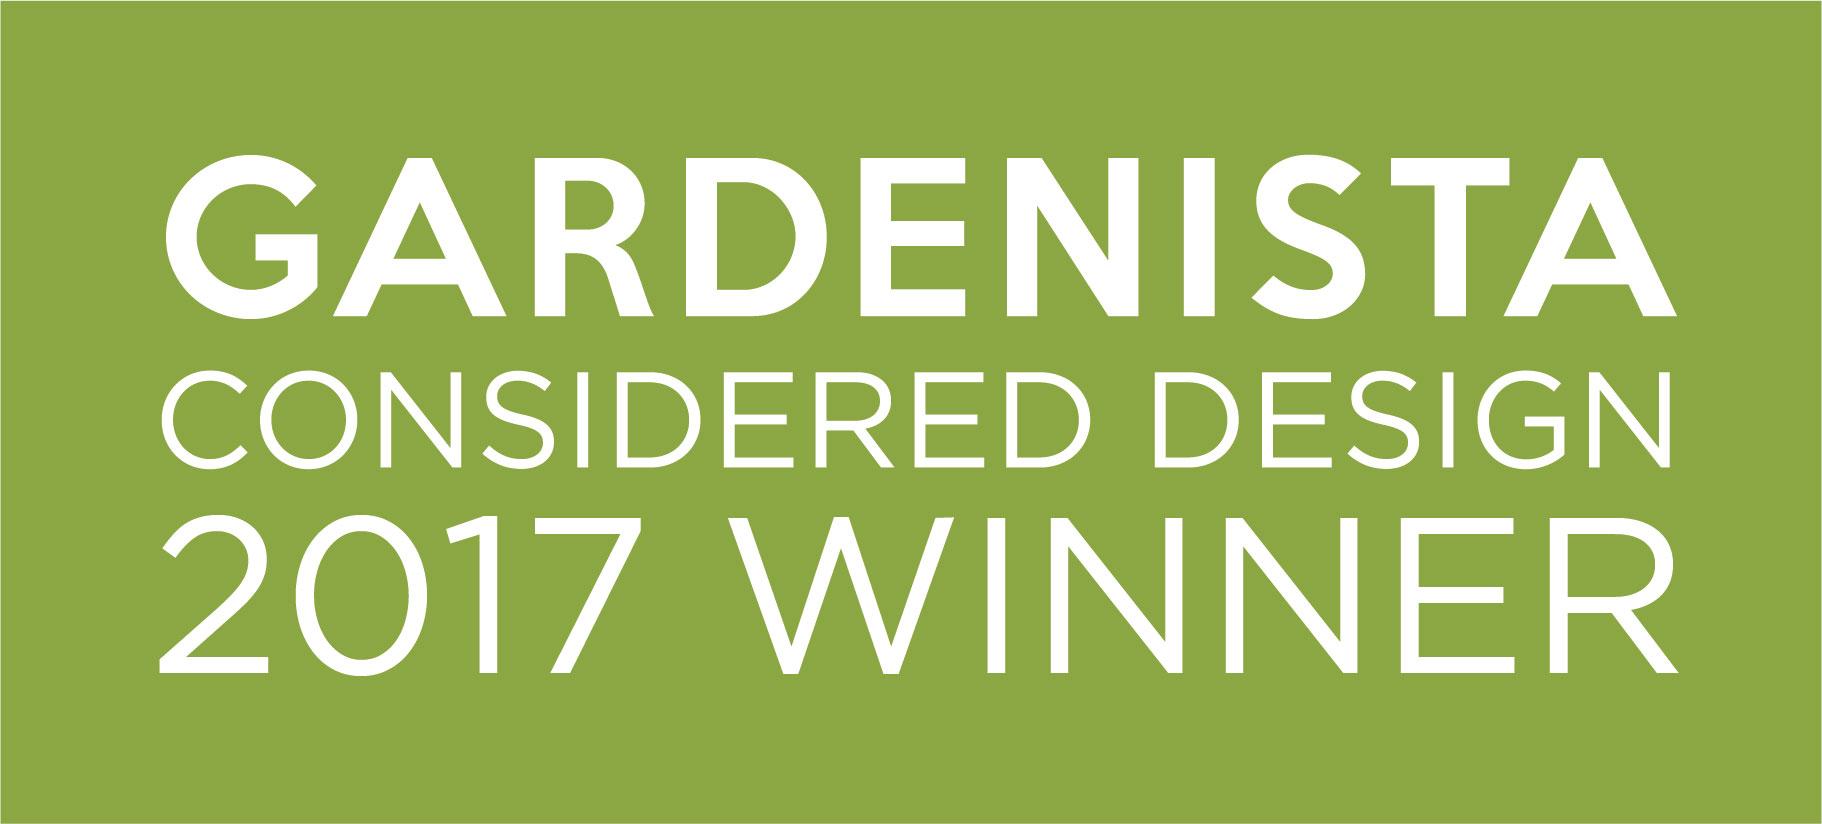 Gardenista_2017_WINNER_logo_Large (1).jpg